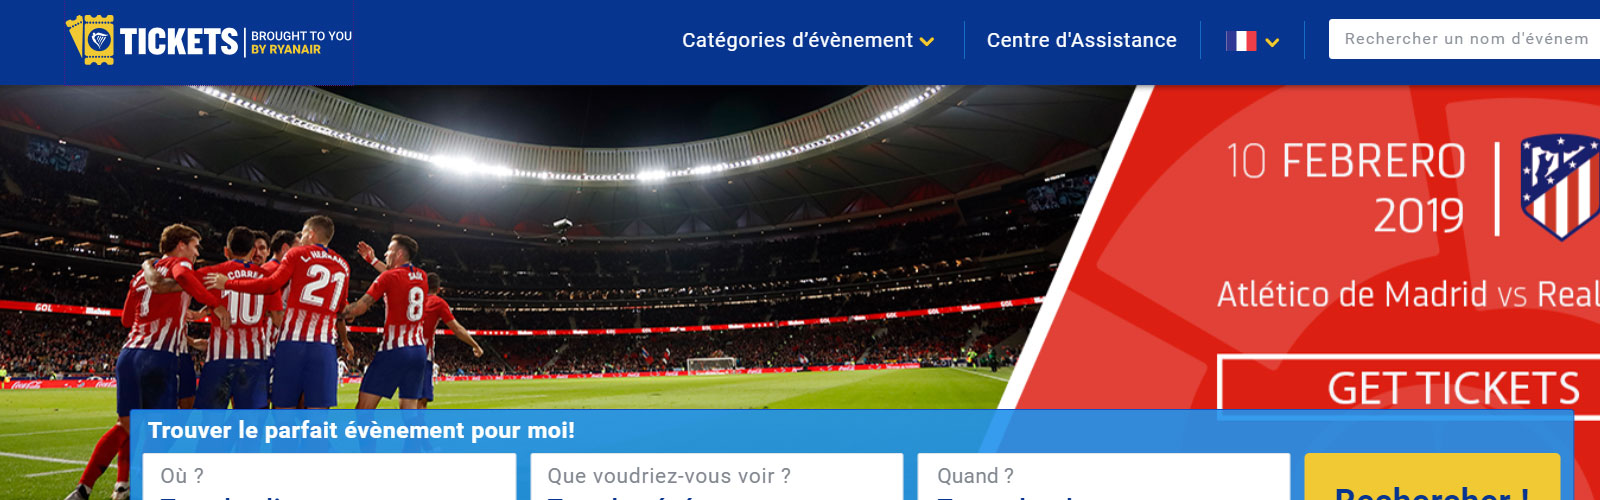 ryanair-tickets-ligue1